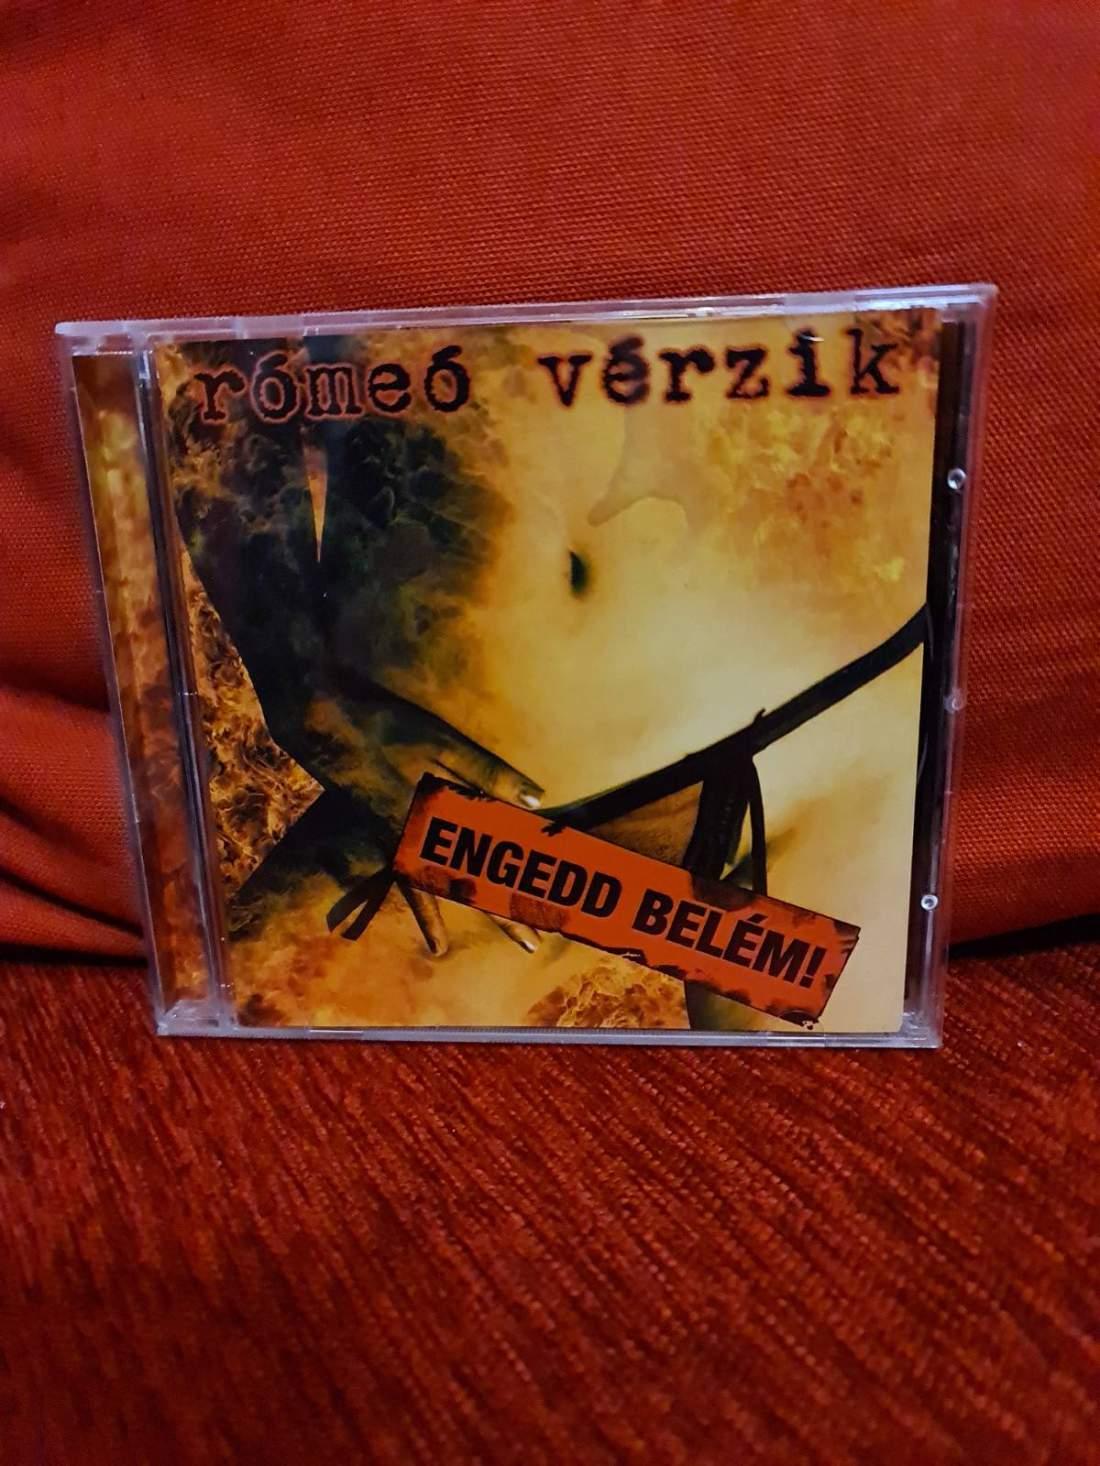 RÓMEÓ VÉRZIK - ENGEDD BELÉM CD